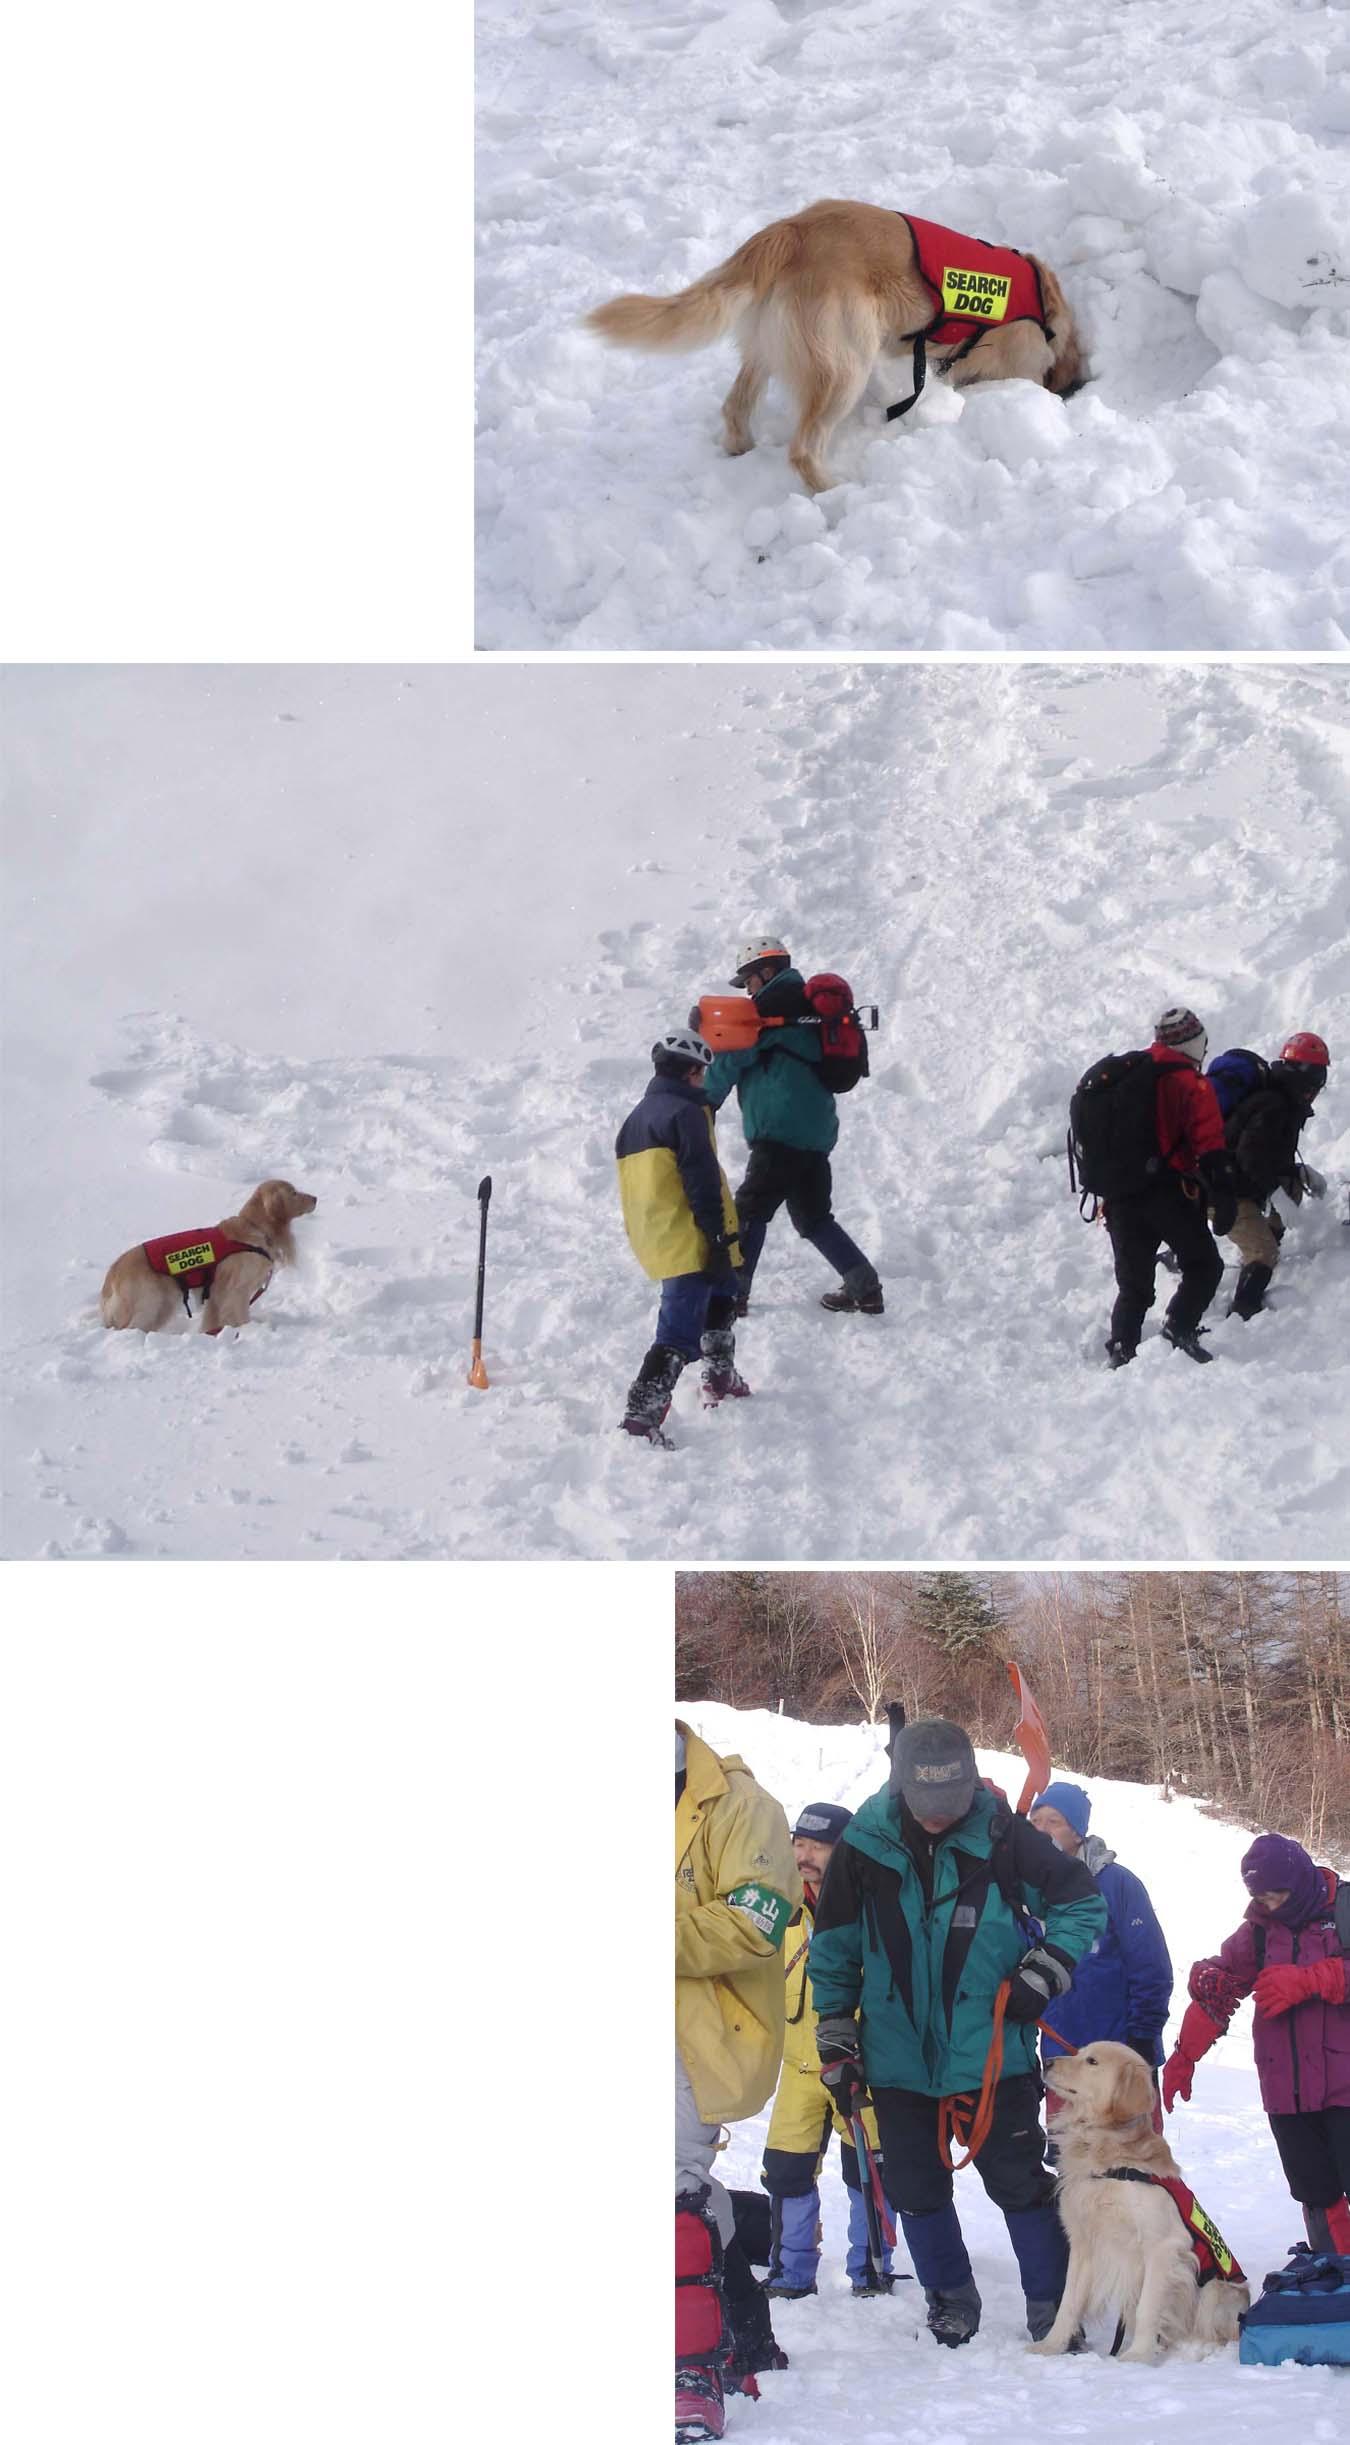 チャンスの雪崩講習会(2008)②